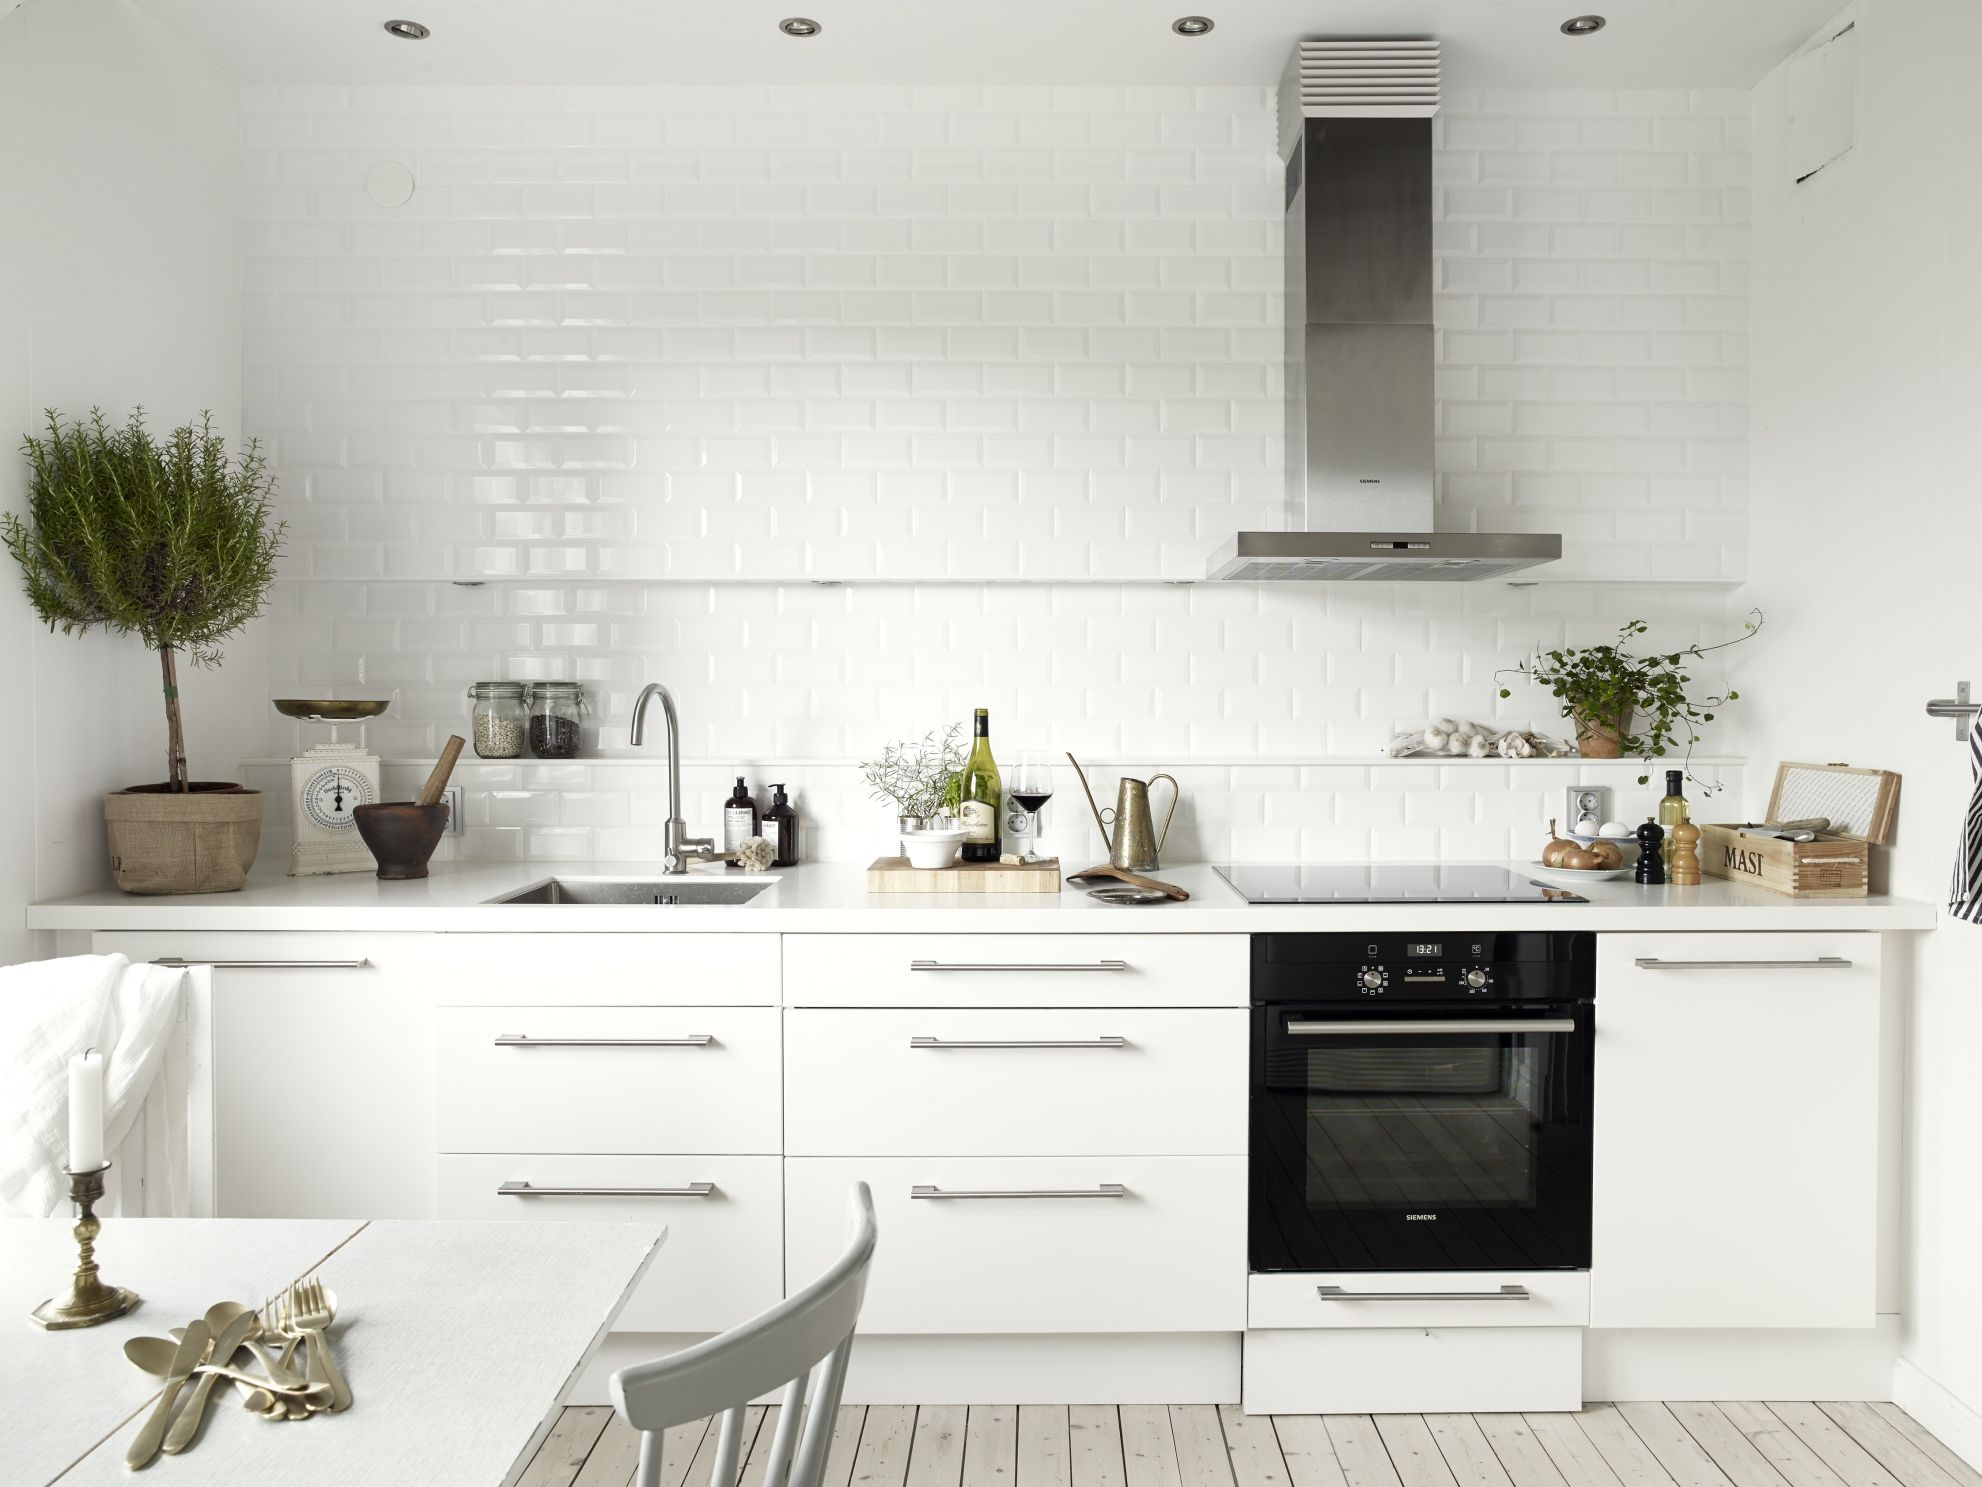 neutral tints coco lapine design kitchen subway tilesinterior design kitchenapartment